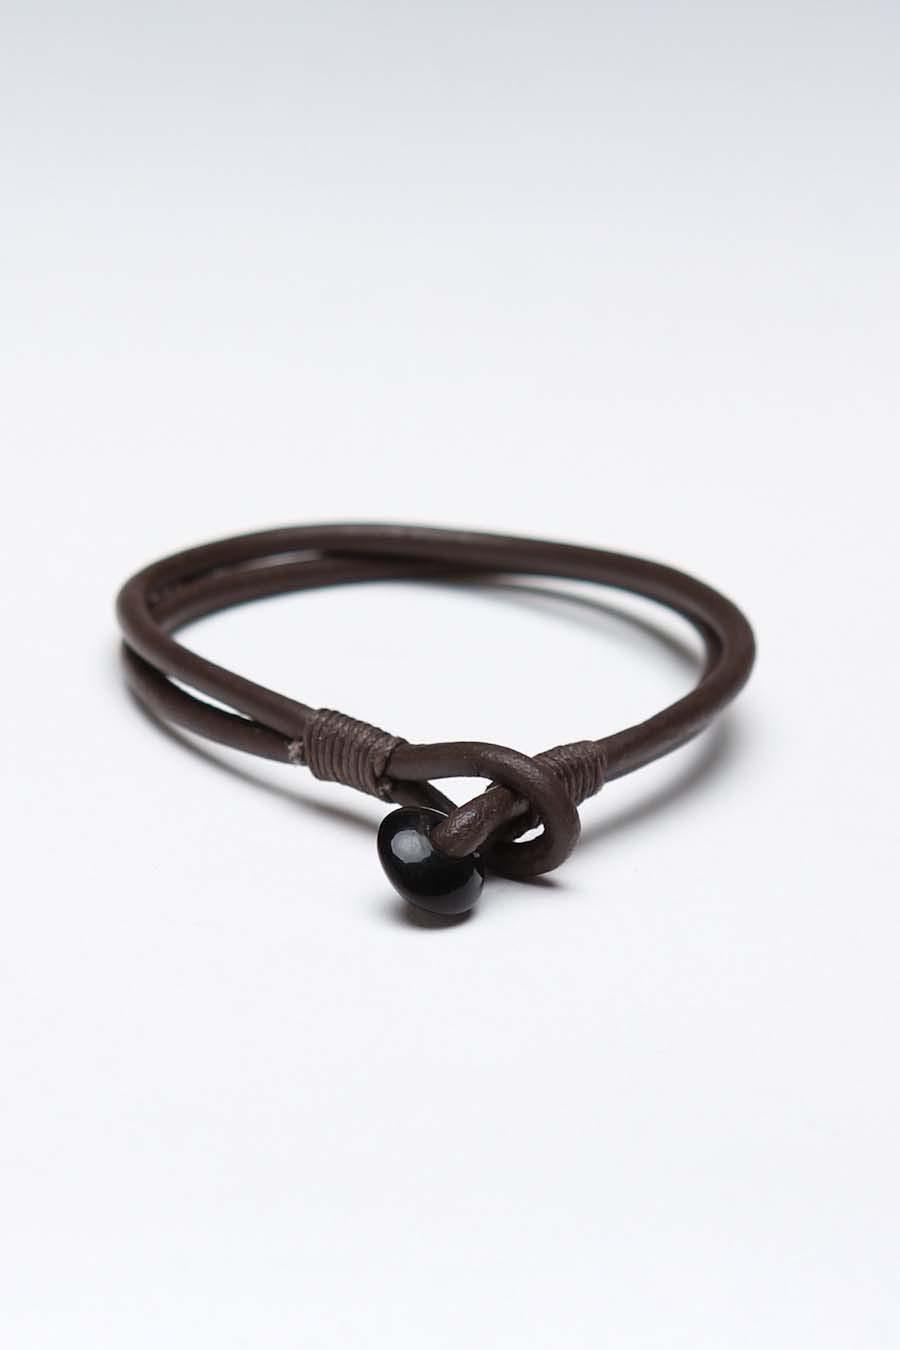 Amigaz Antique Leather Cord Bracelet